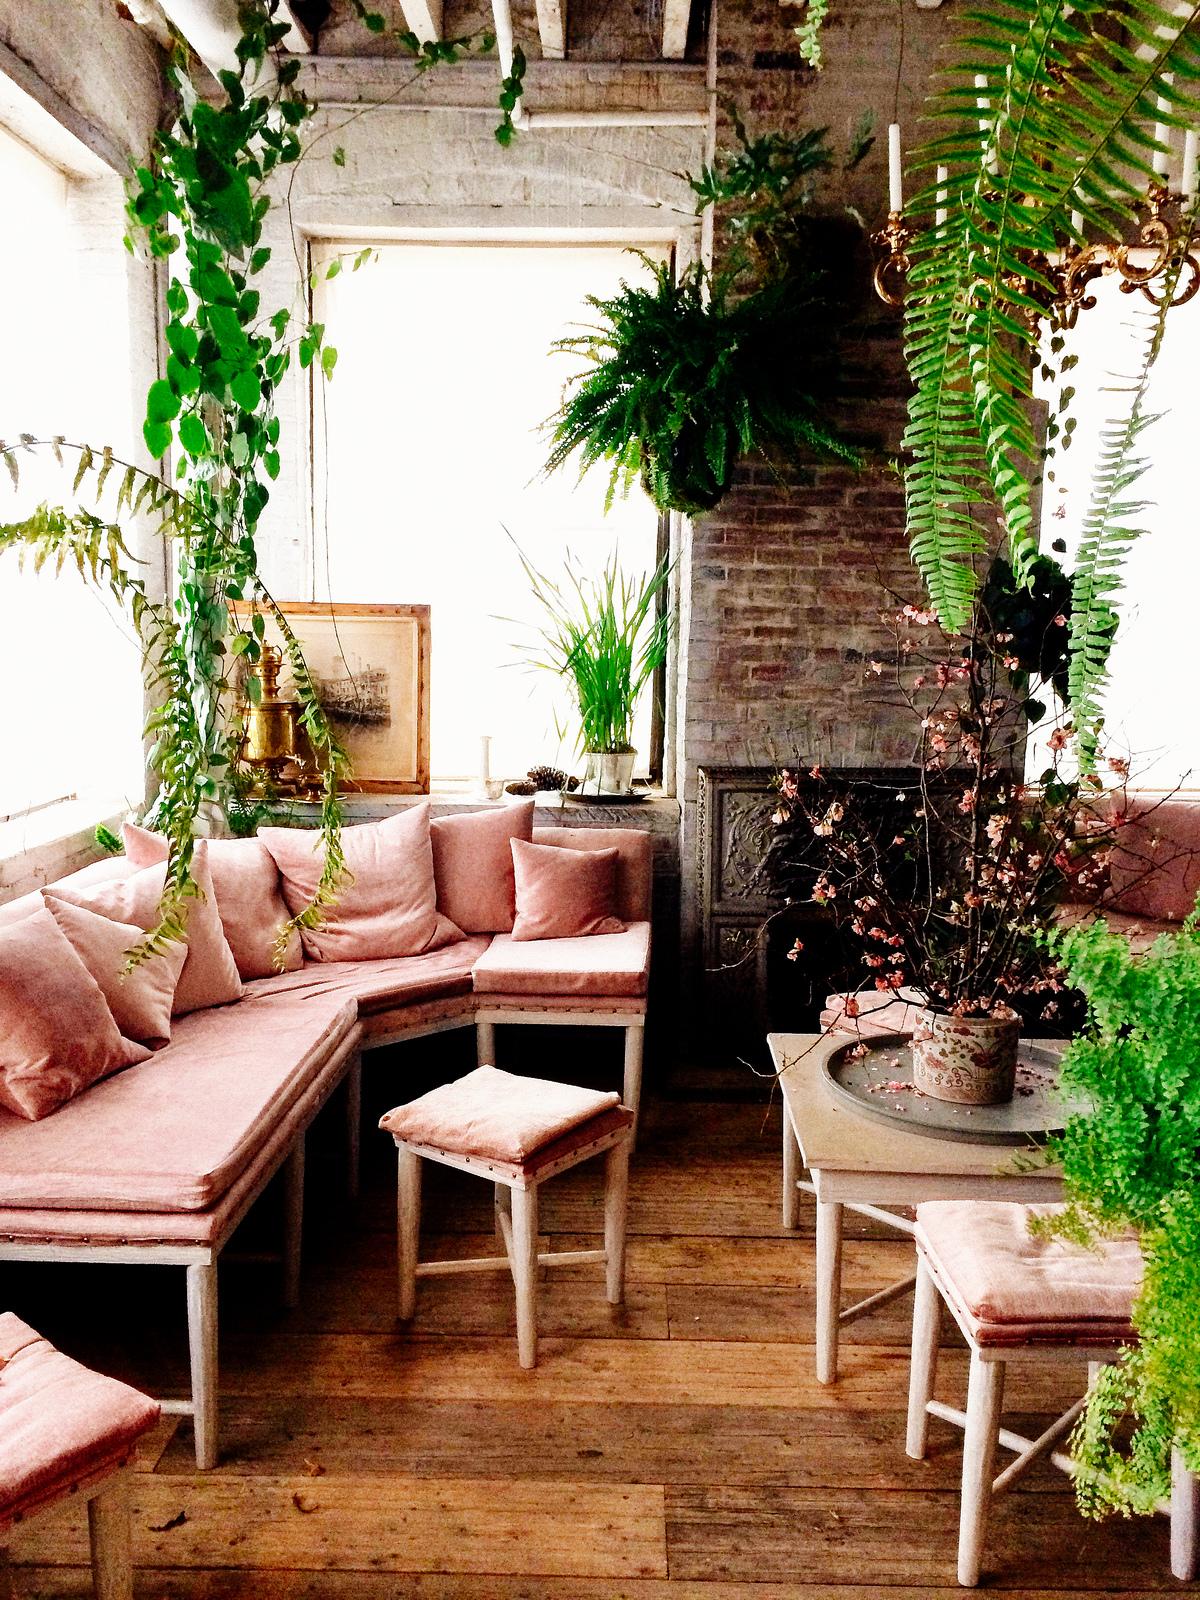 Donner des airs de jardin tropical à son intérieur | Bellocq, tea atelier Greenpoints